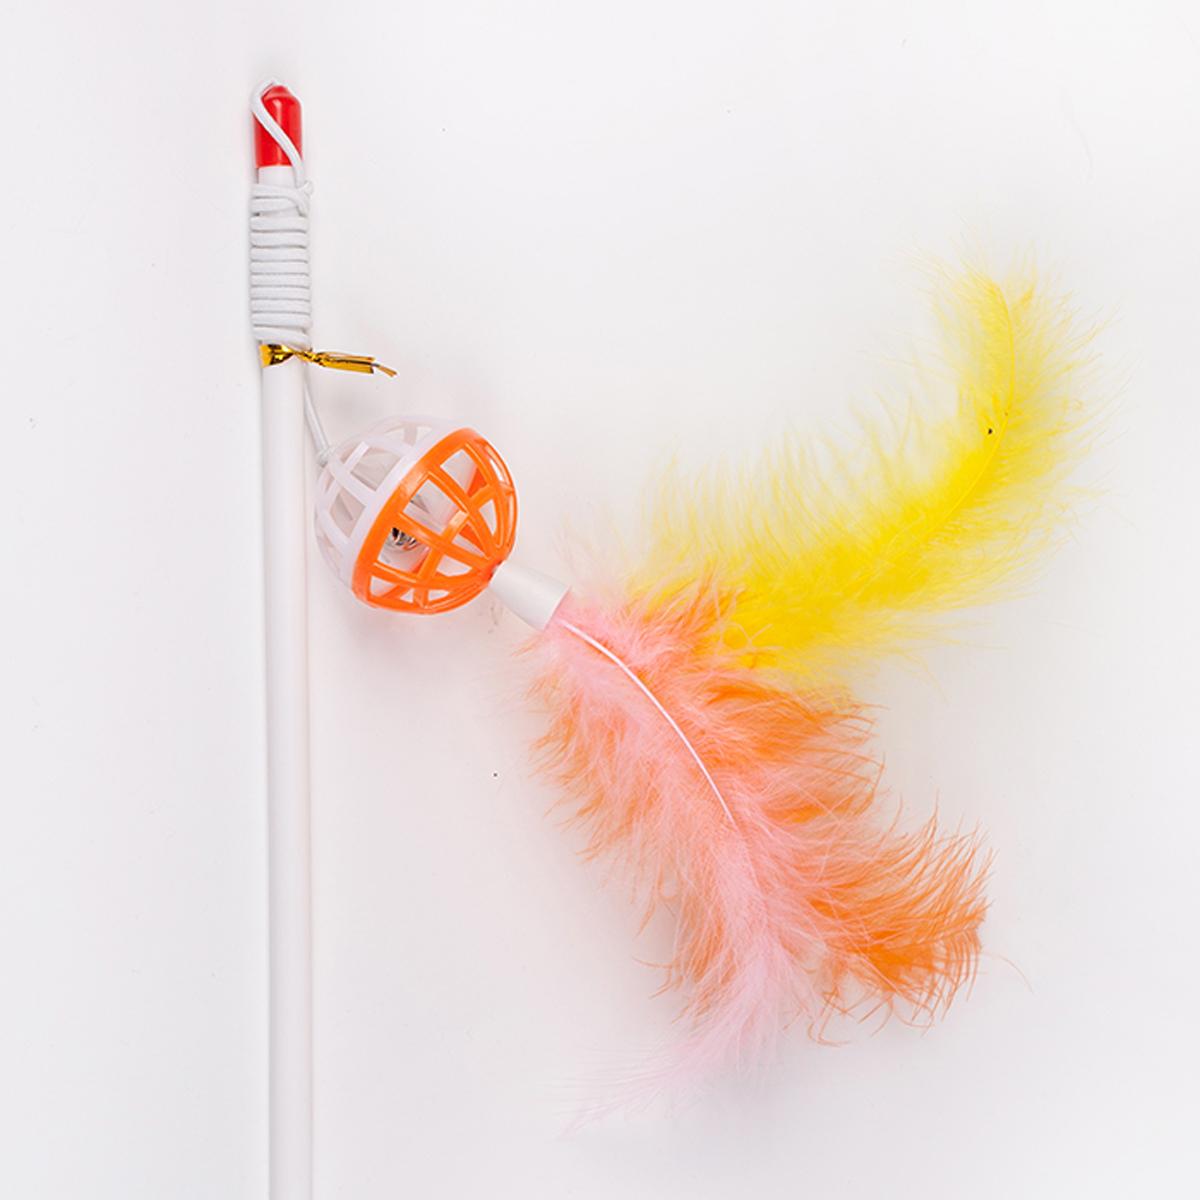 Дразнилка-удочка для кошки Грызлик Ам Погремушка с перьями, длина 55 см спортивный комплекс формула здоровья вершинка w плюс оранжевый